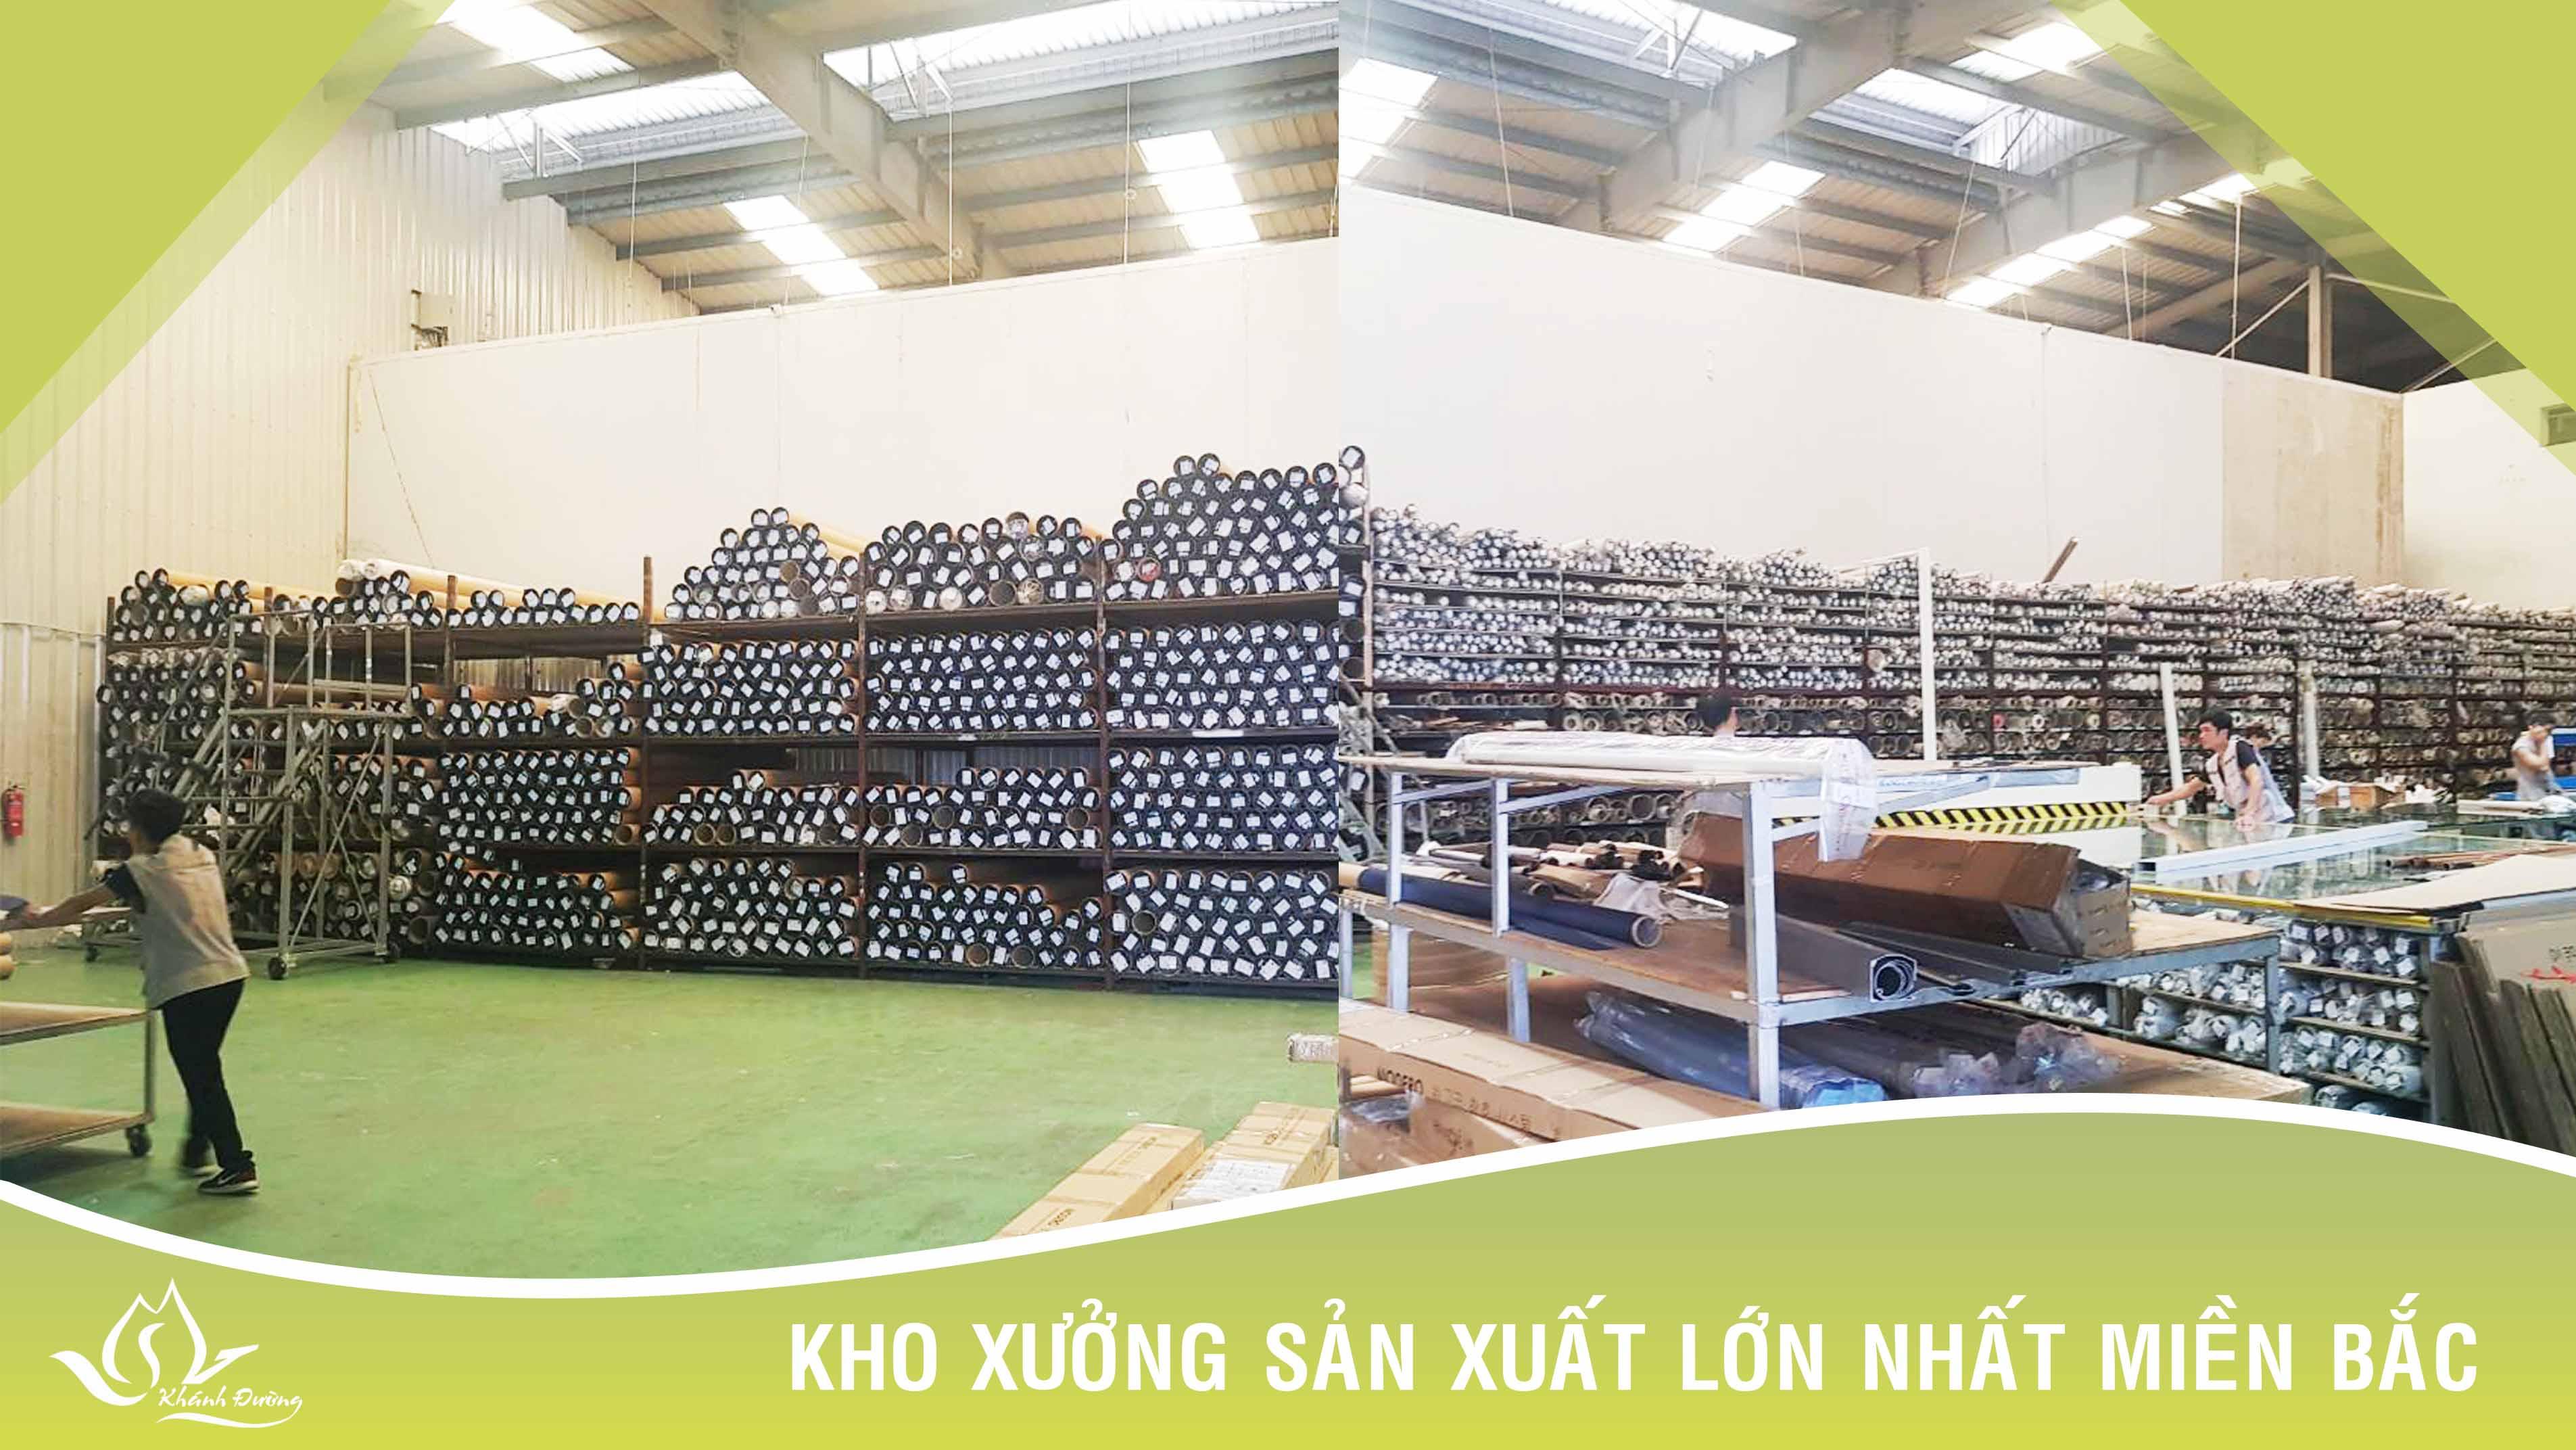 Xưởng sản xuất của chúng tôi khẳng định lớn nhất Miền Bắc